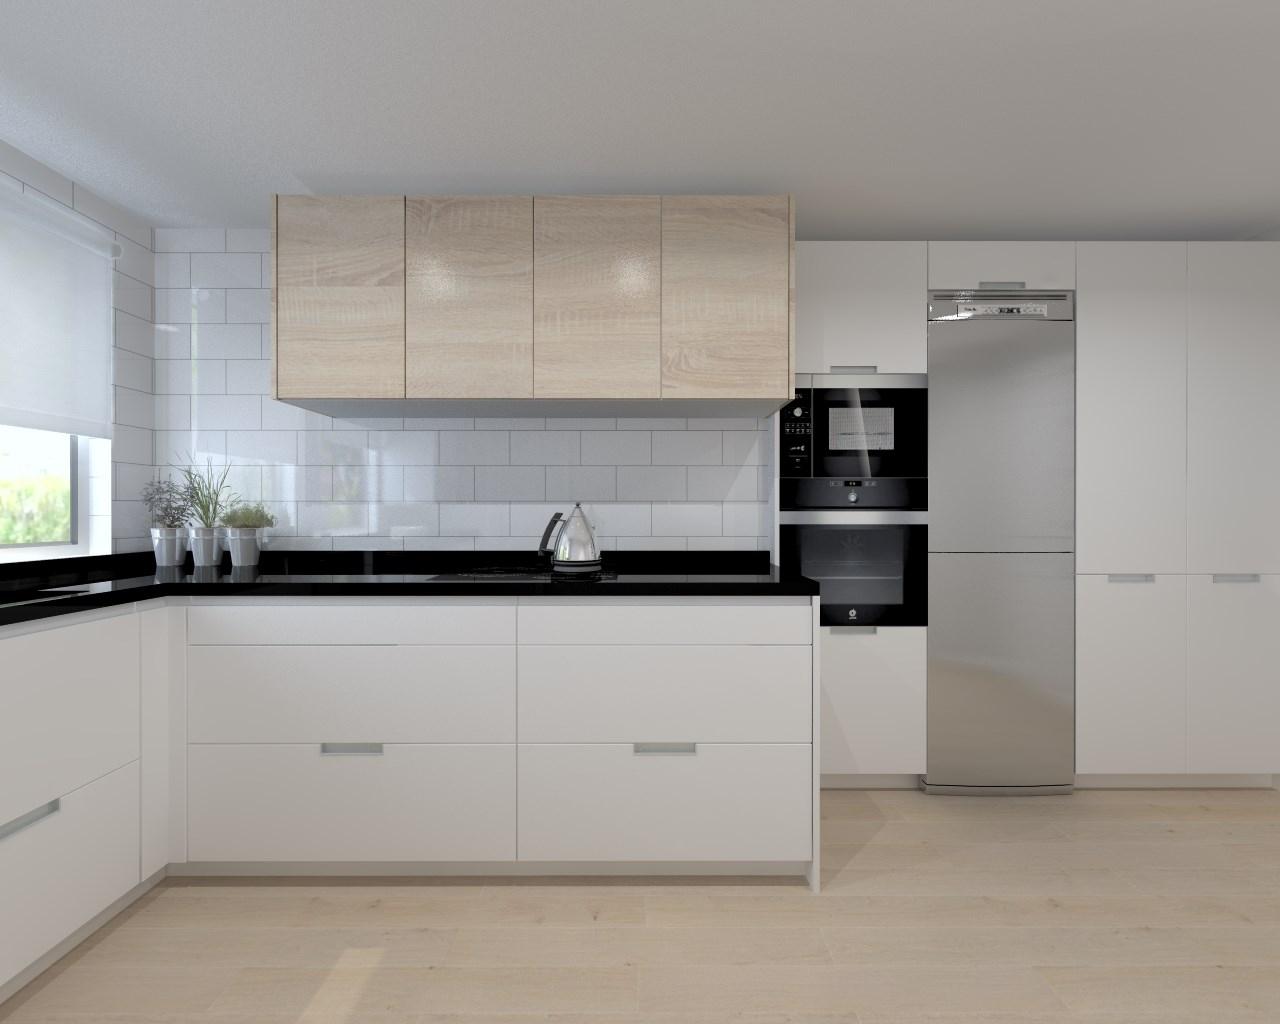 Aravaca cocina santos modelo line estratificado blanco Cocina blanca encimera granito negra